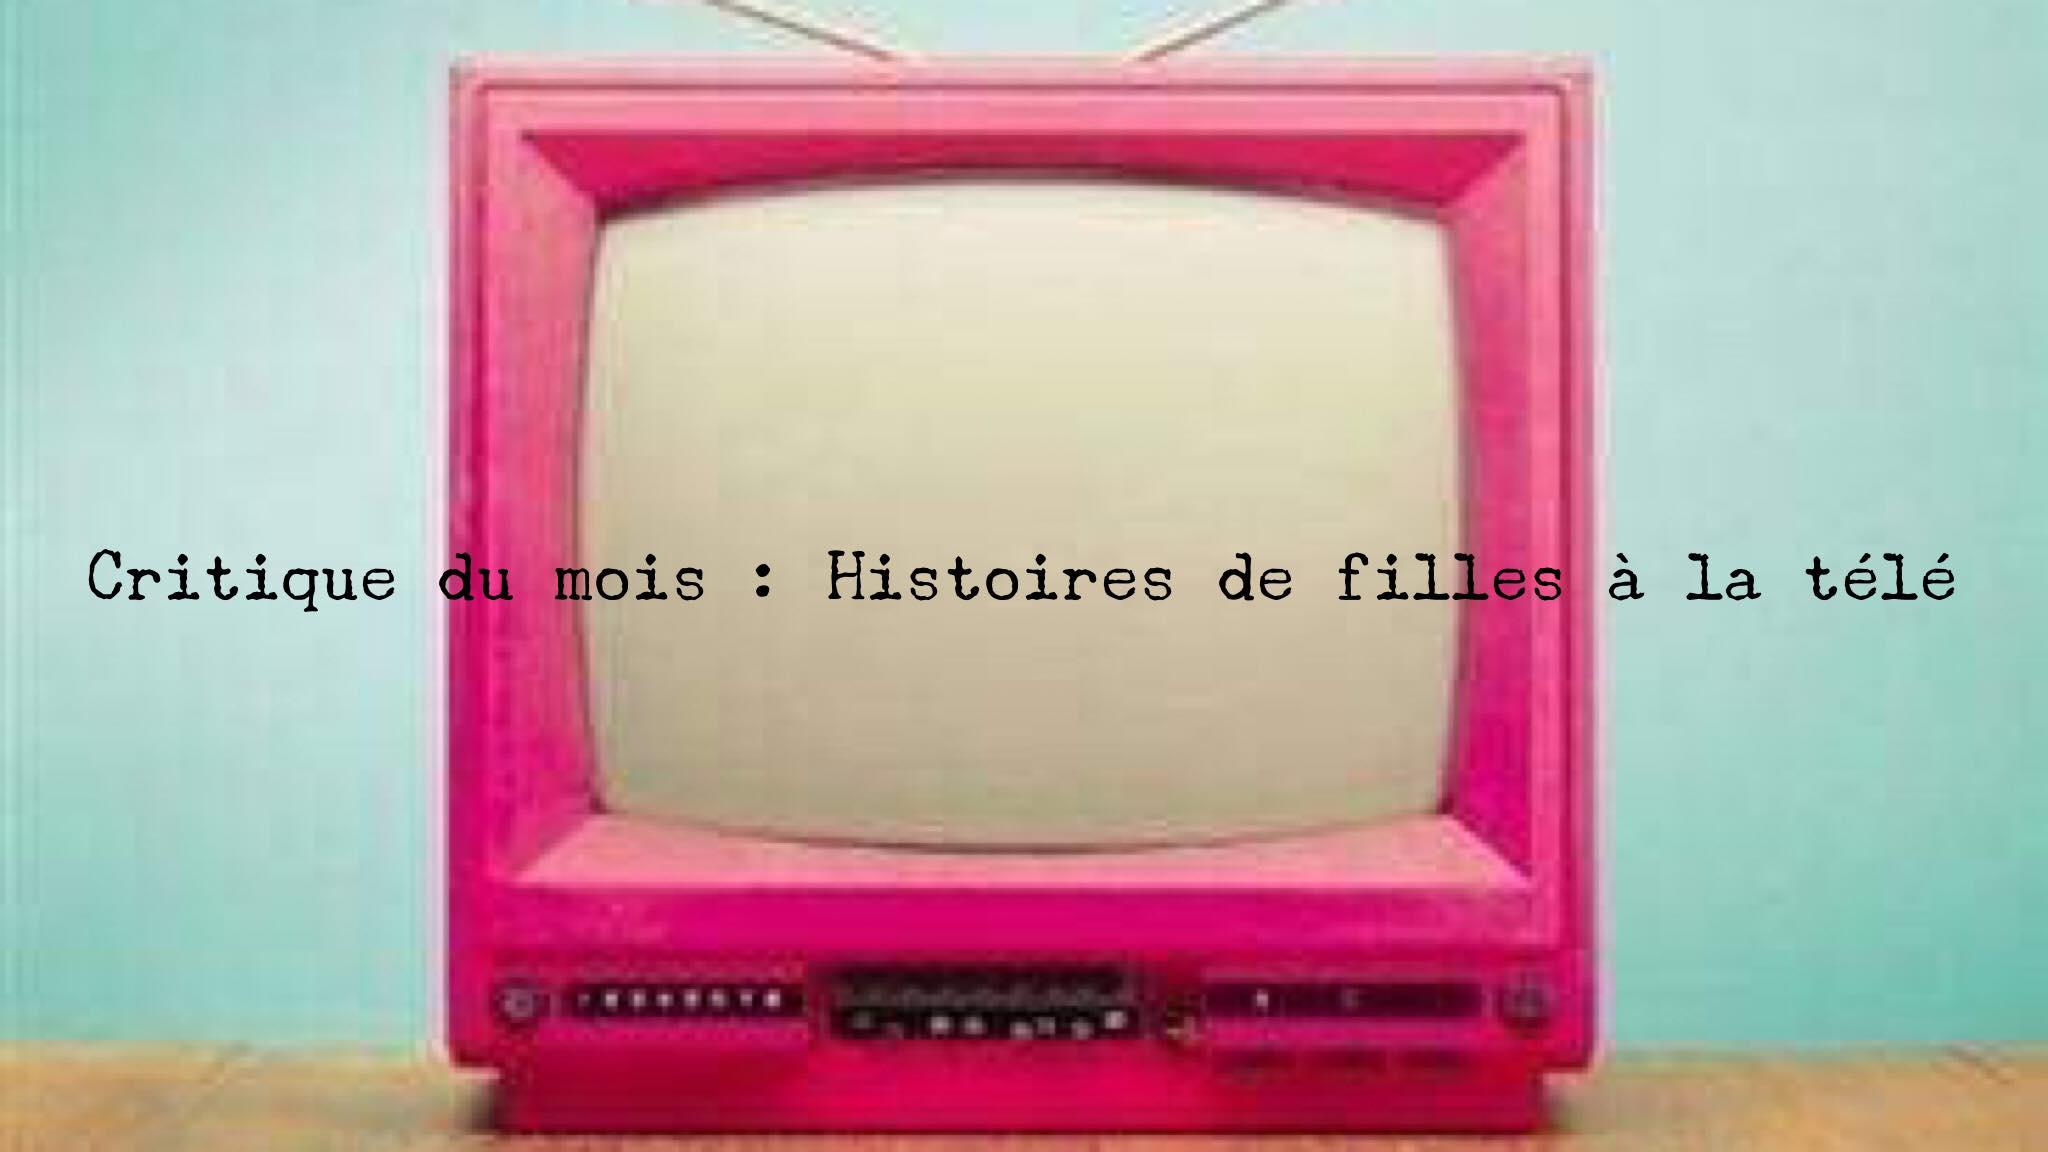 Critique du mois : Histoires de filles à la télé